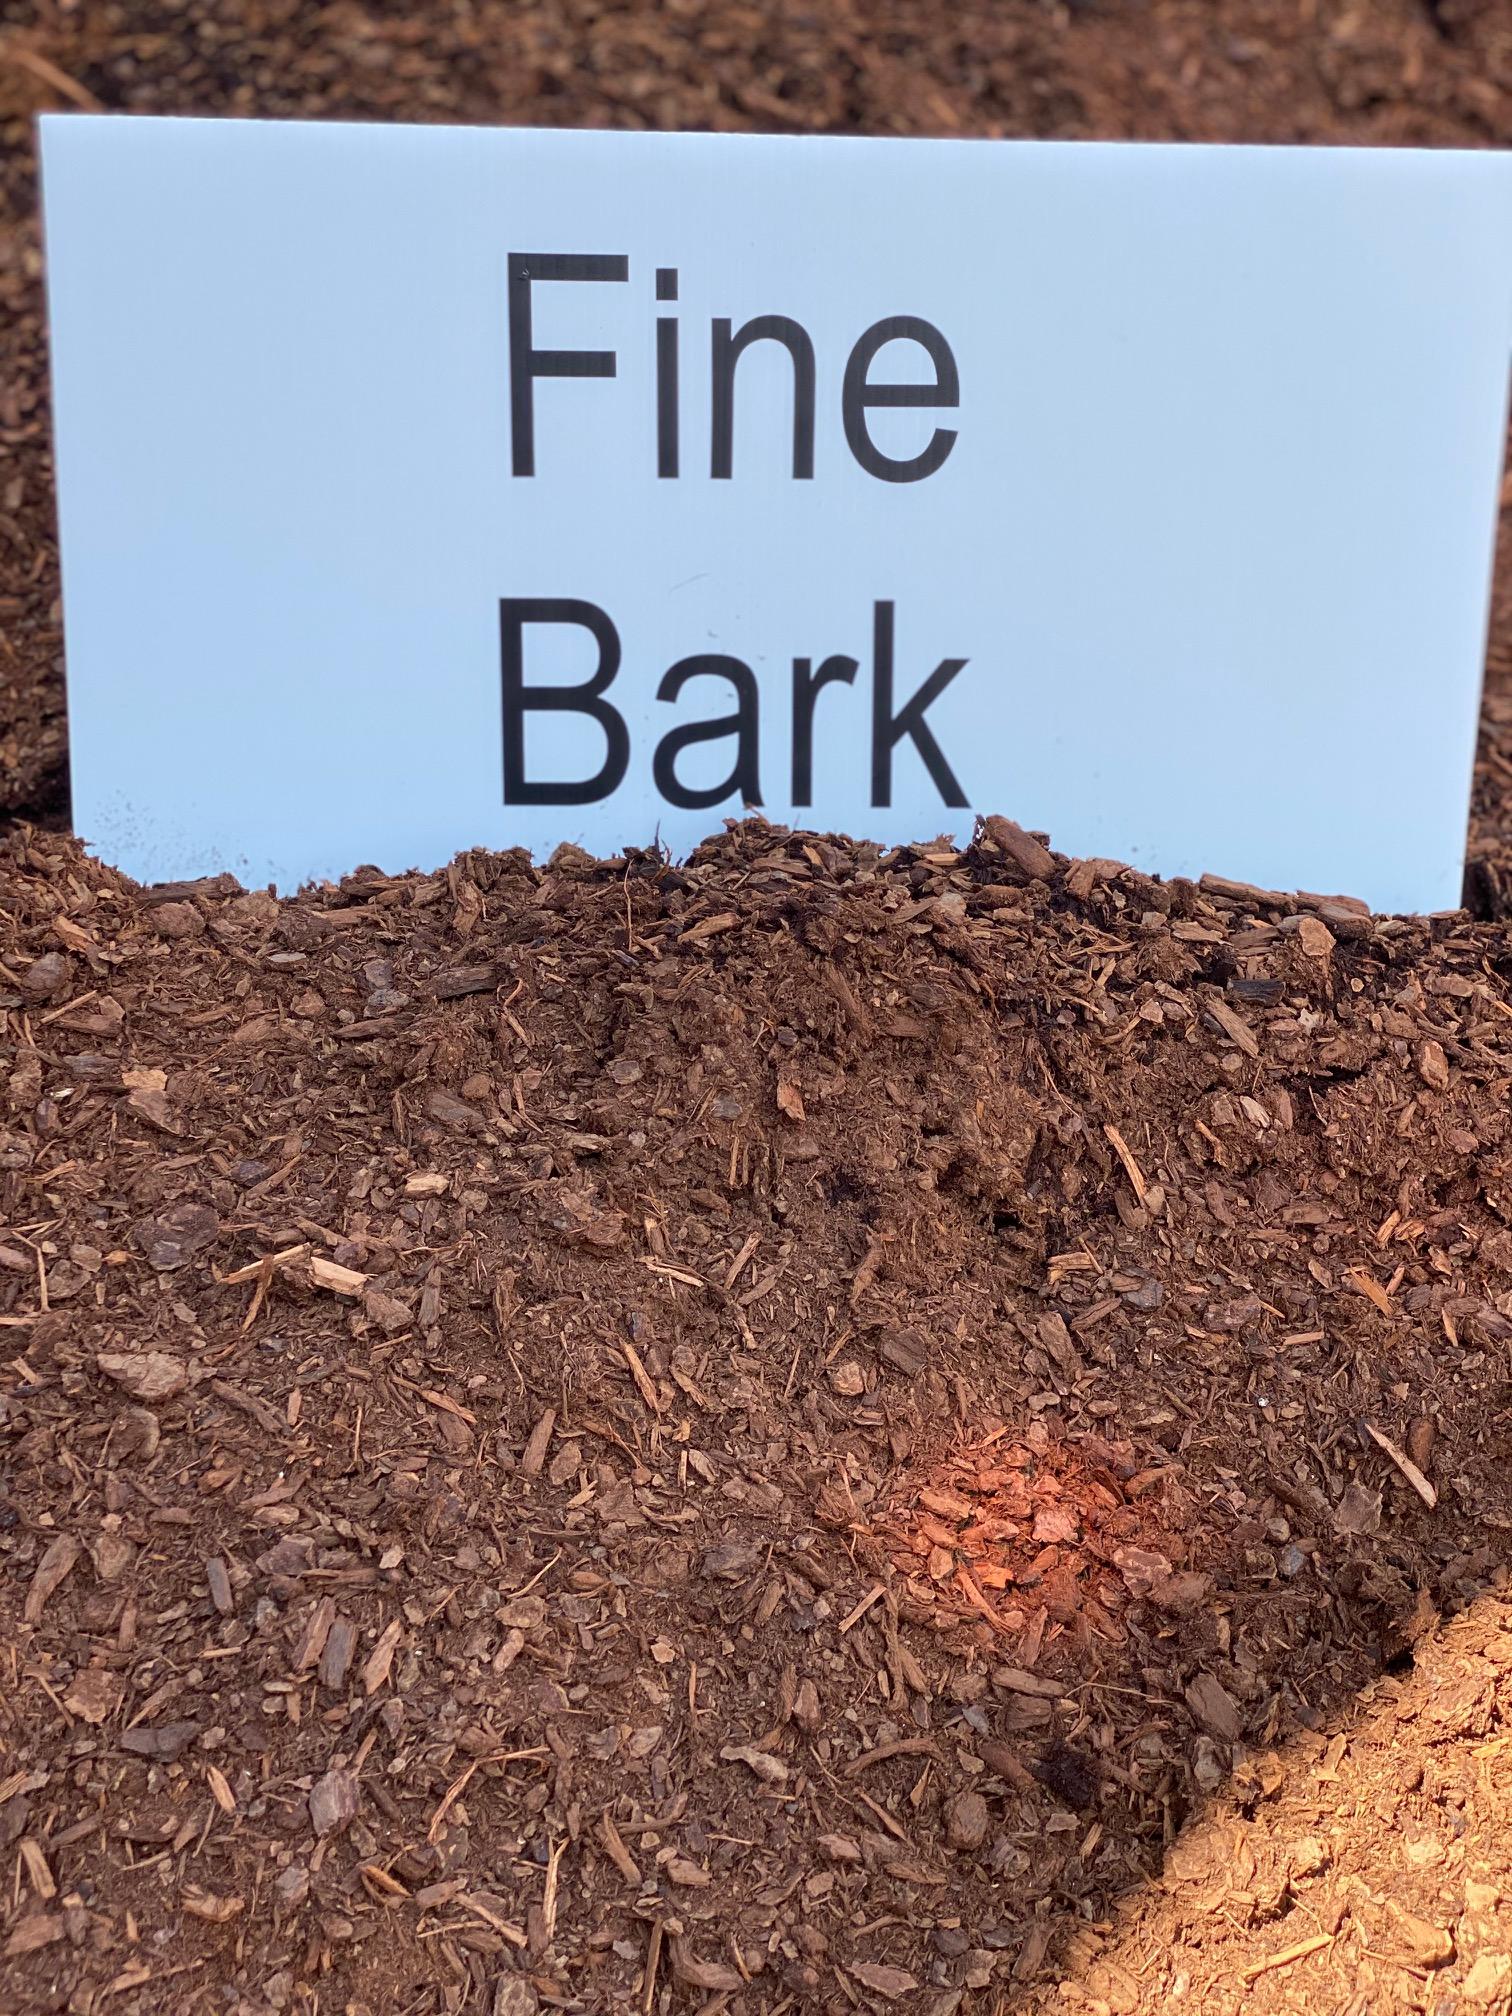 Fine Bark